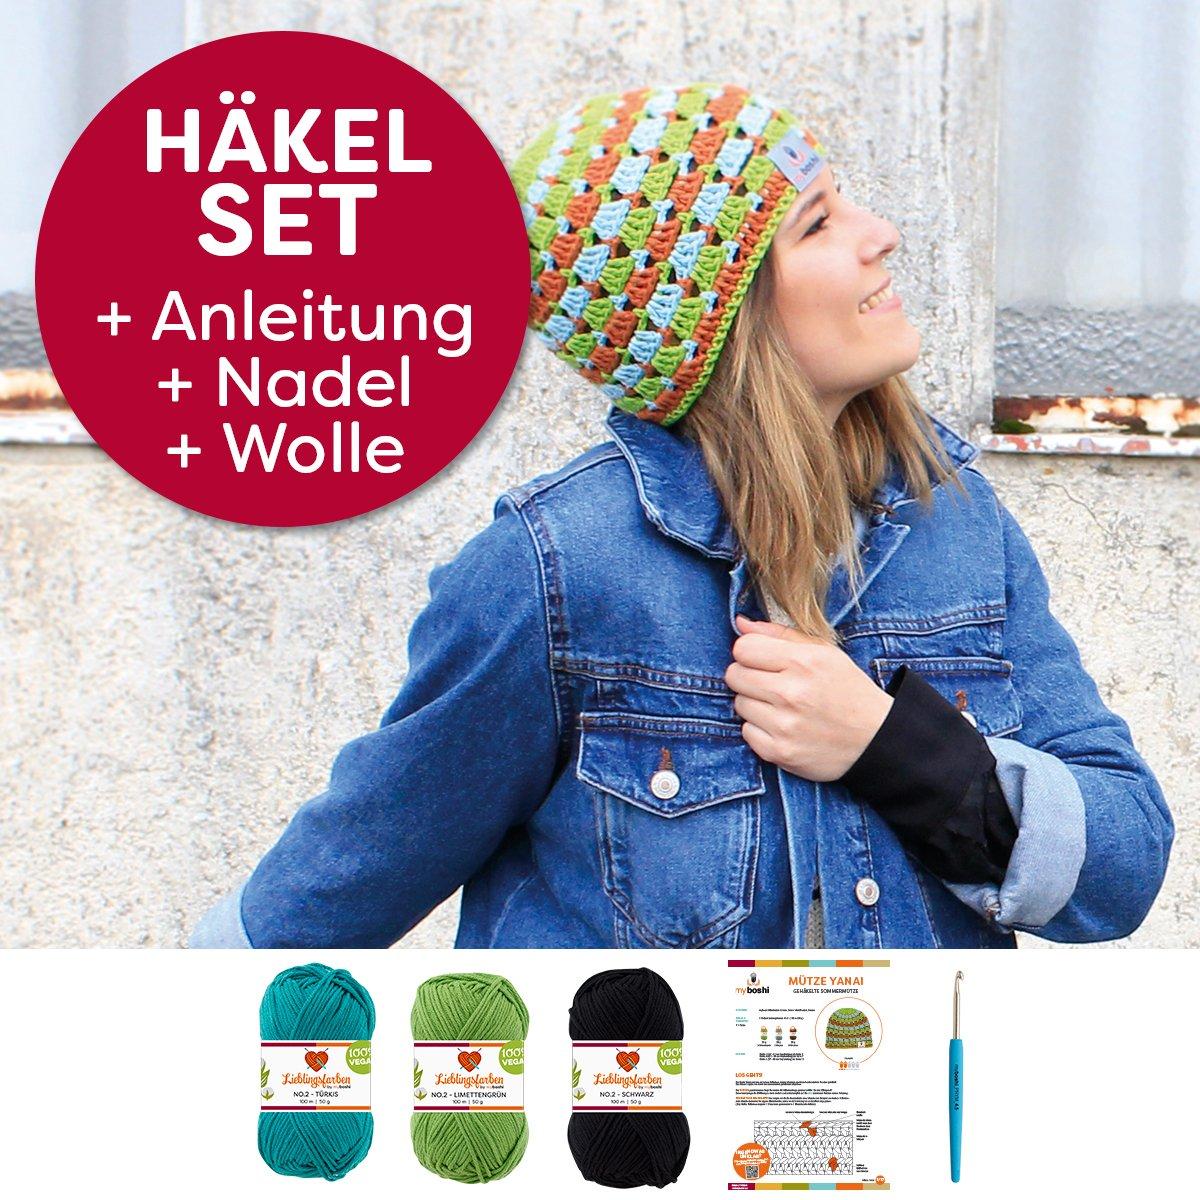 150g Baum-Wolle Lieblingsfarben No.2 Label H/äkelnadel Schwarz, Elfenbein, Titangrau myboshi M/ützen H/äkel-Set Yanai Sommer-M/ütze H/äkelmuster